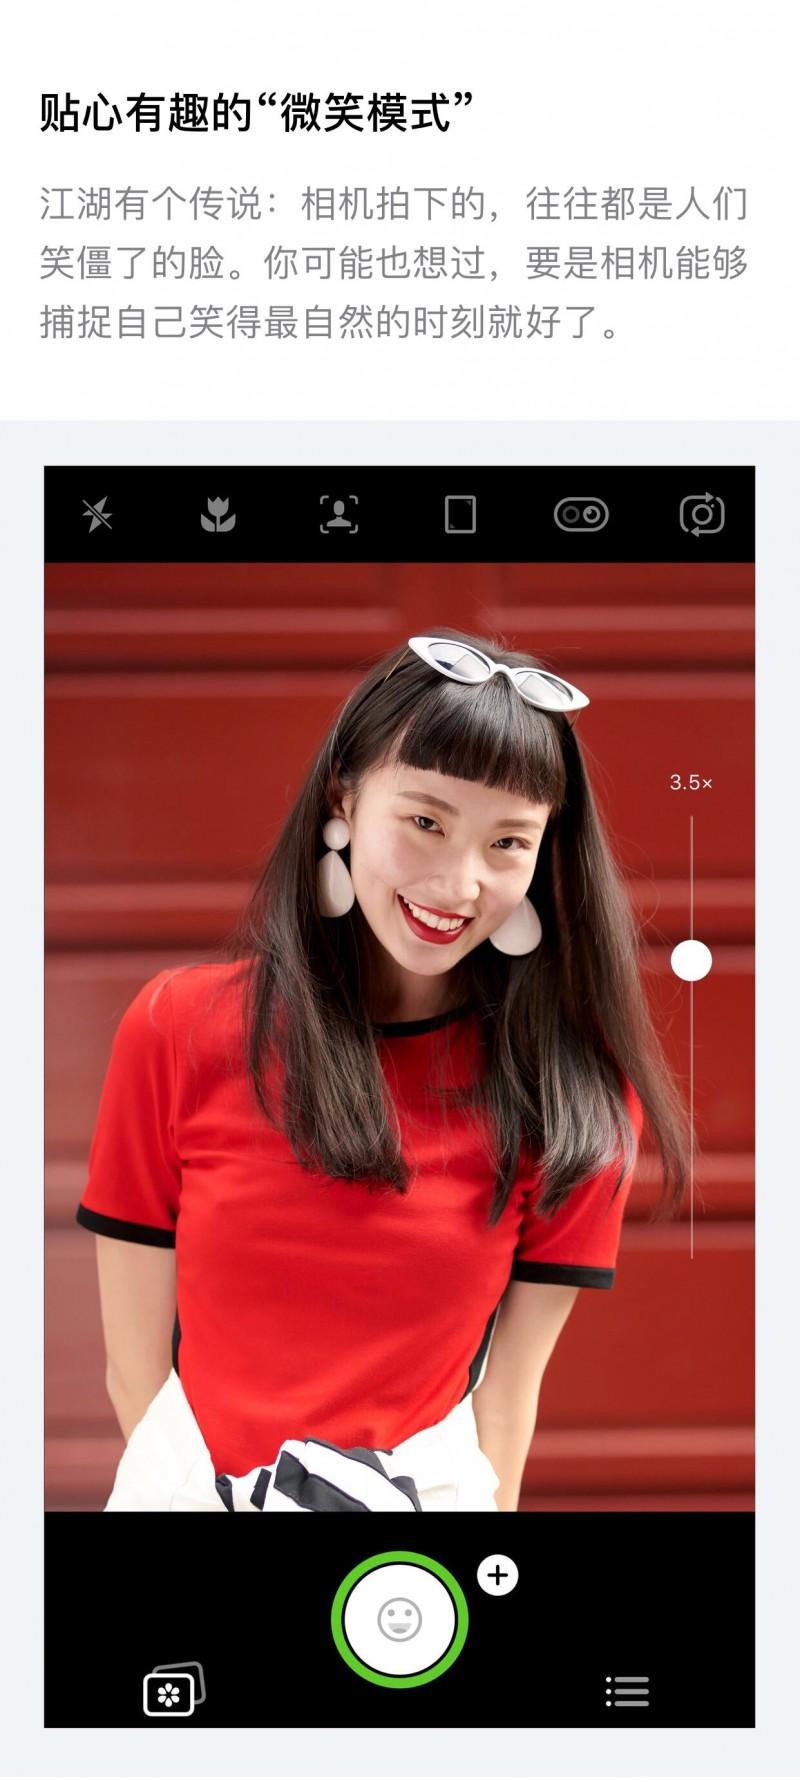 [已购]Camera+ 2-草蜢资源